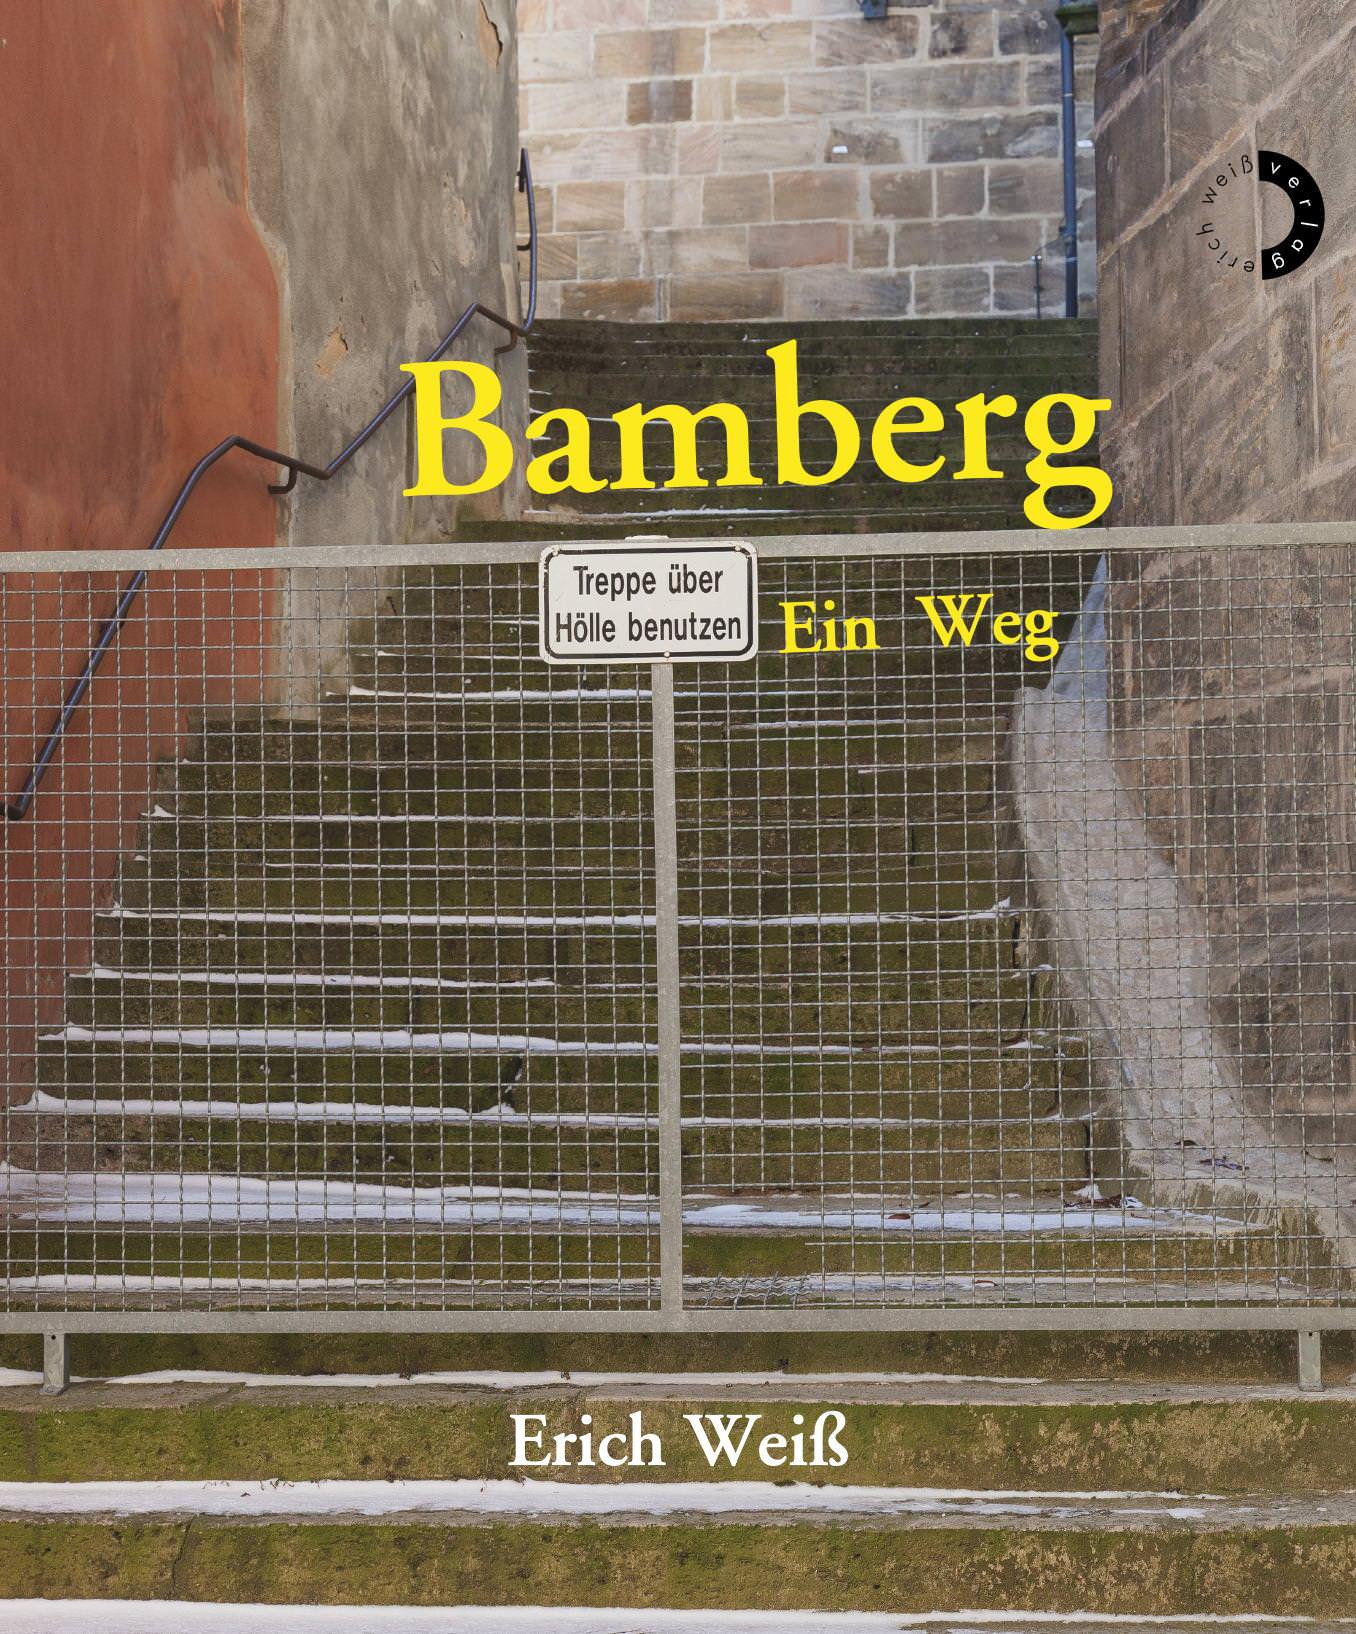 Weiß Erich - Bamberg – Ein Weg